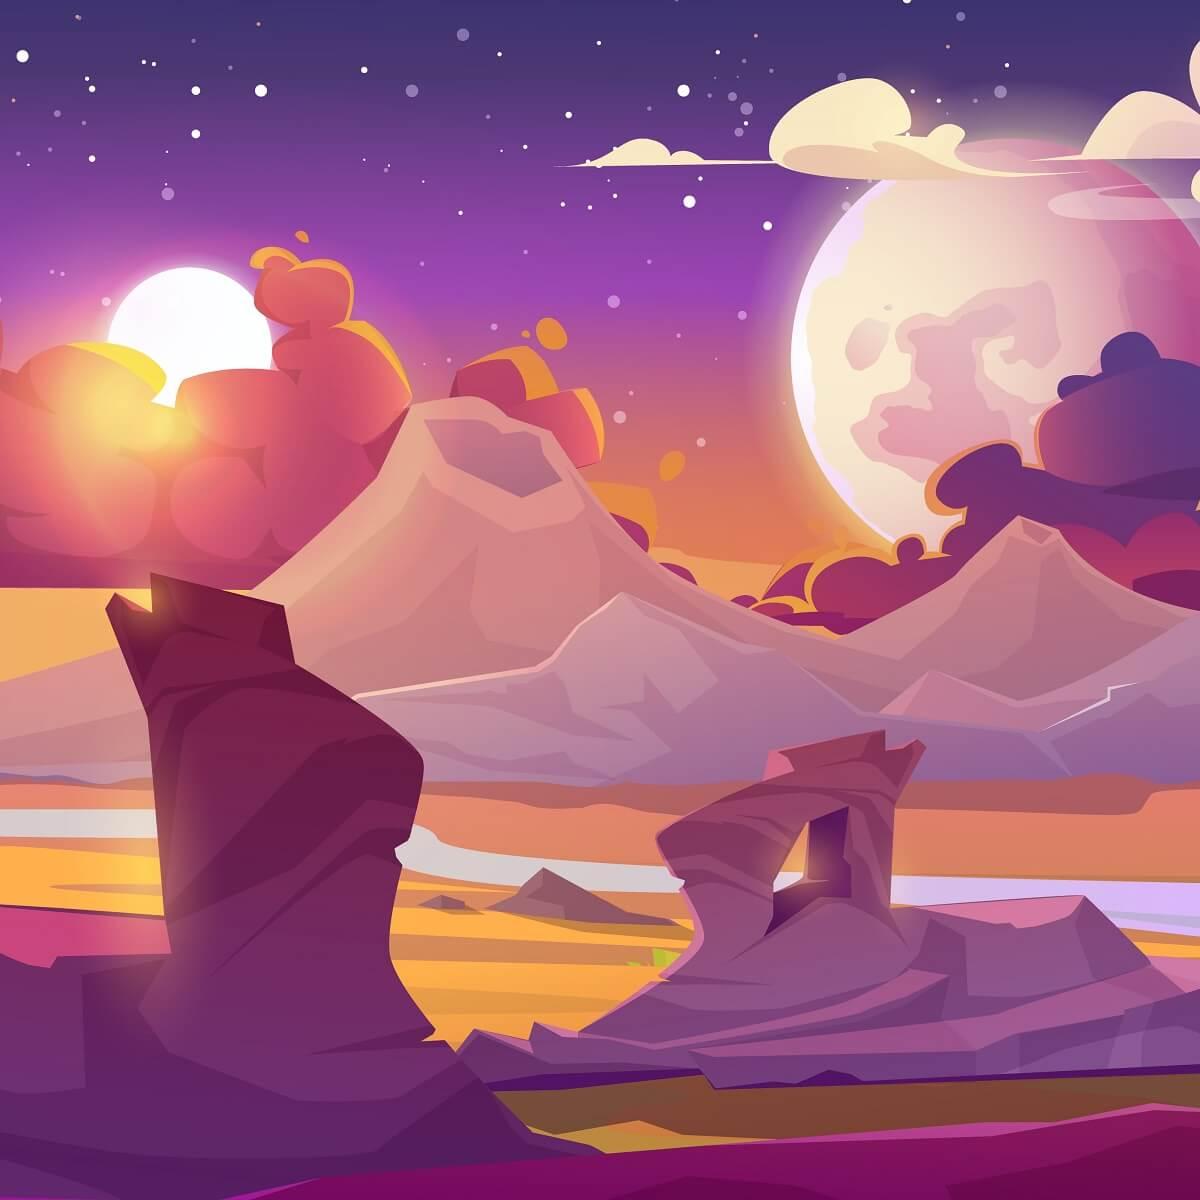 ゲーム世界を表したイラスト。